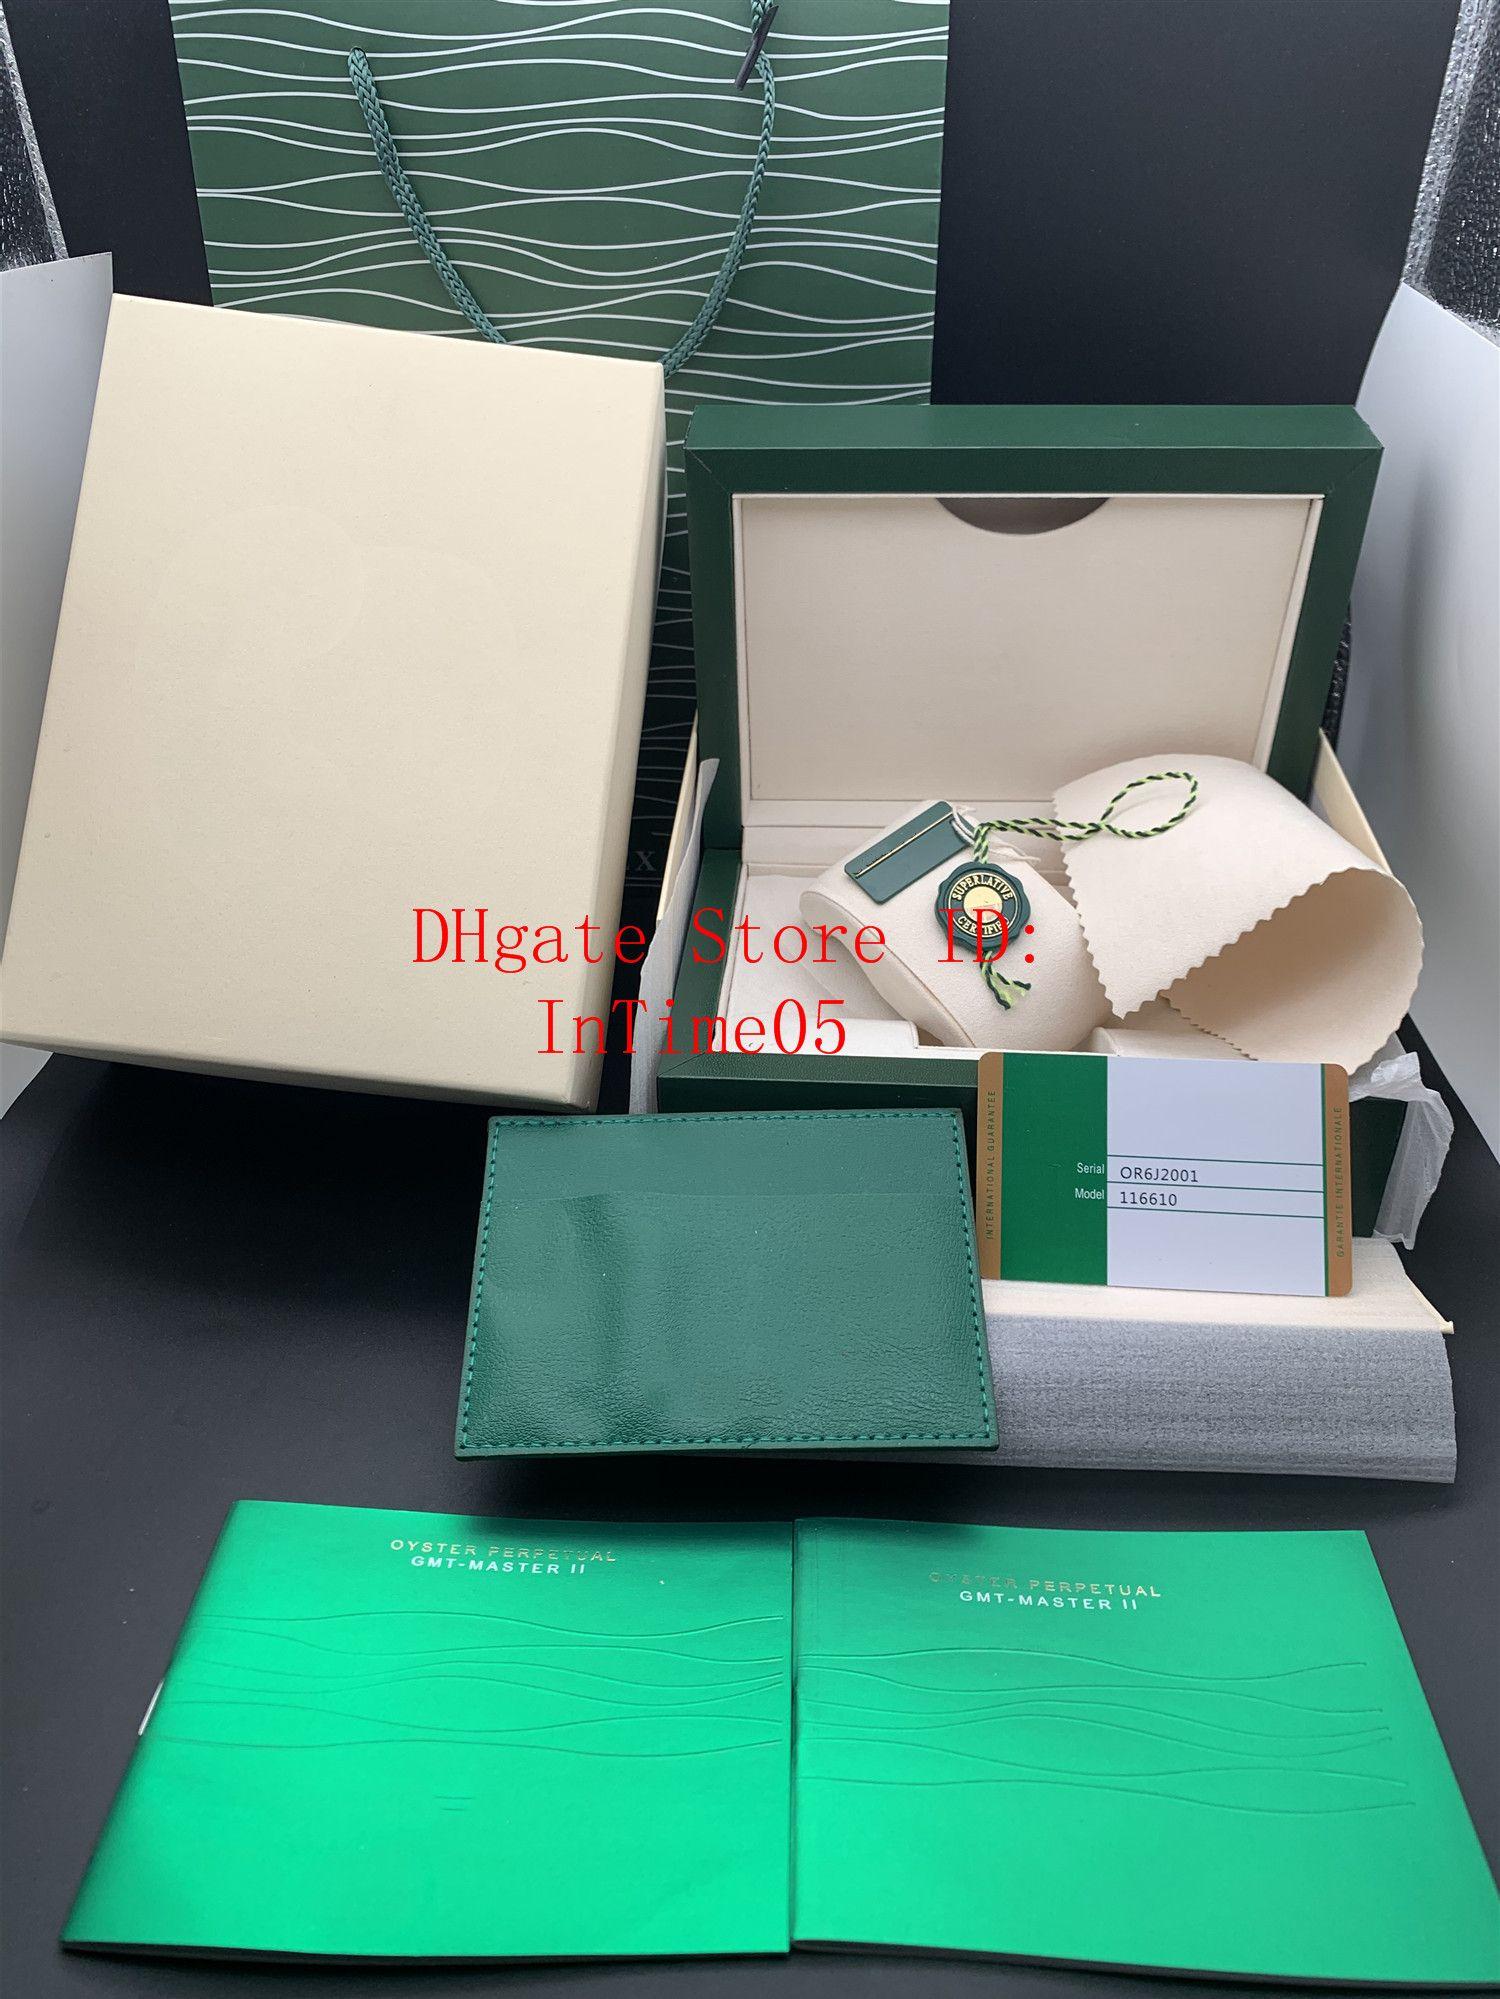 En Yeni Stil Ücretsiz Kargo Yeşil İzle Orjinal Kutusu Kağıtlar Kart Çanta Hediye Ahşap Kutular Çanta 116610 116660 116710 Saat Kılıf için